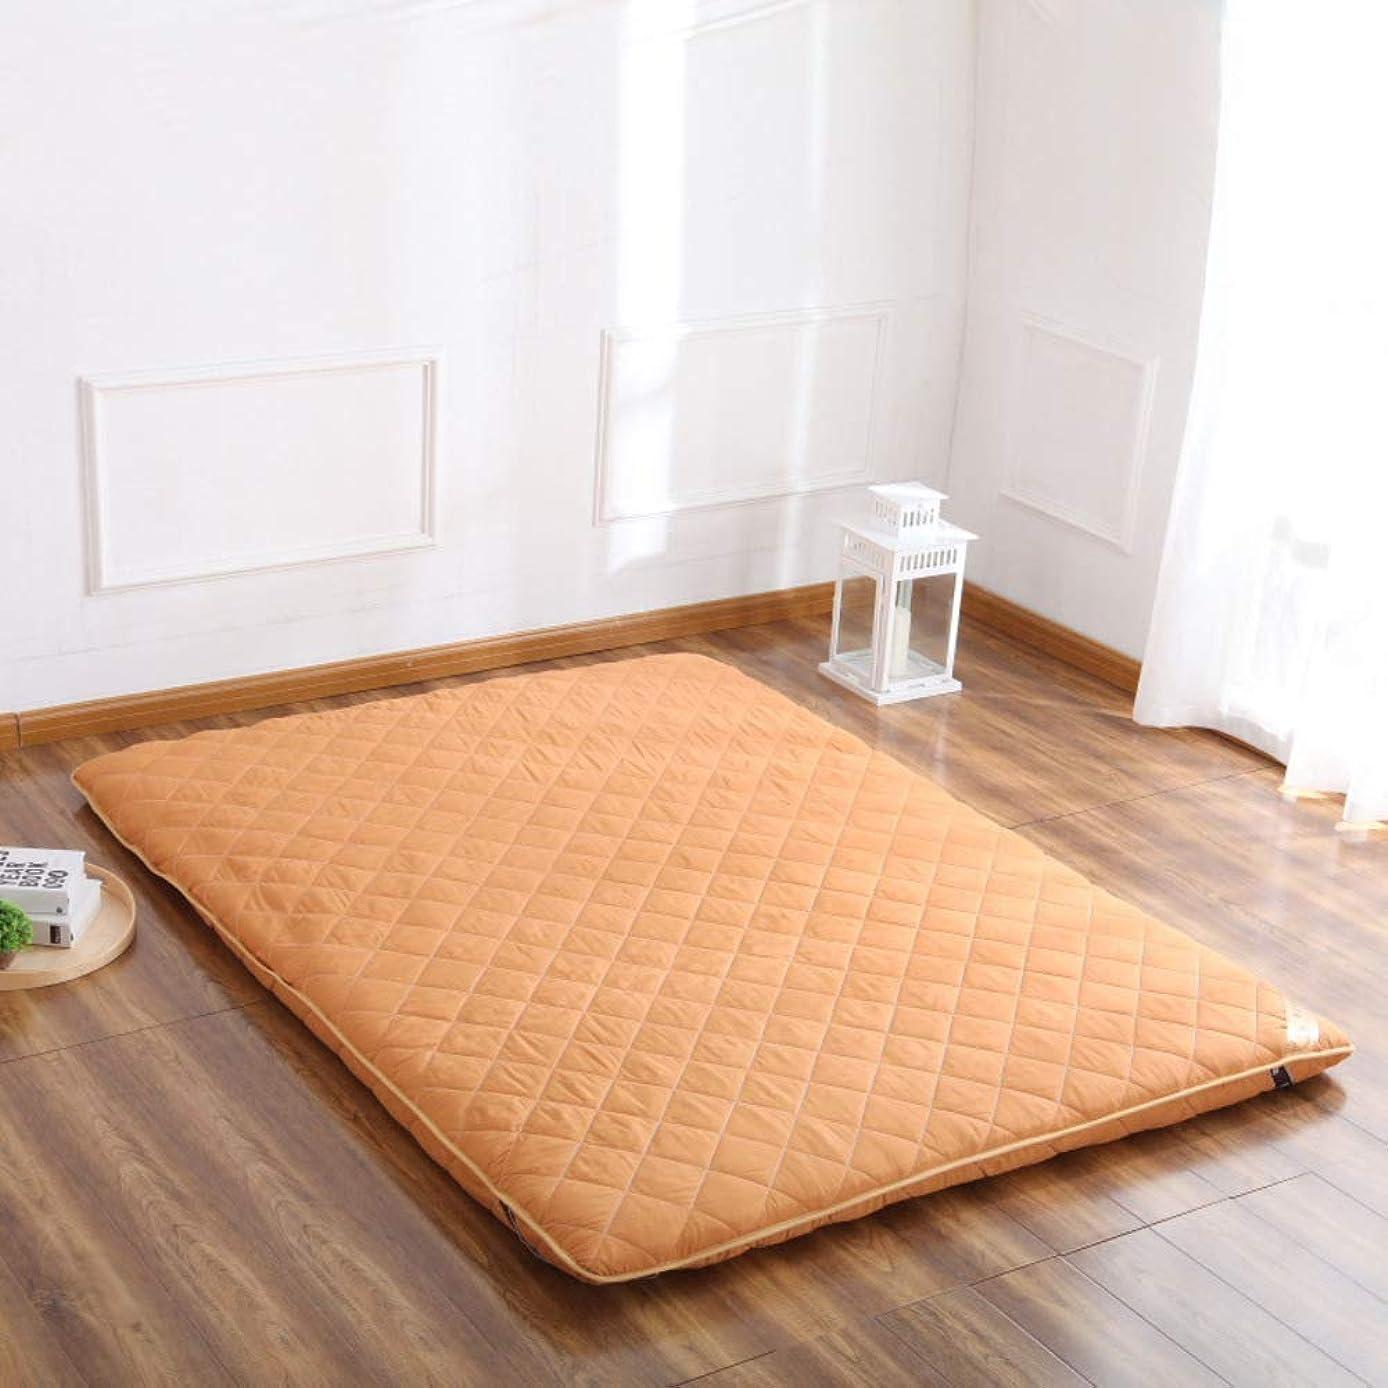 スポーツの試合を担当している人を除くウミウシ厚め マットレス パッド, 日本布団畳のマットが眠っています。 キルティング ダウン ベッドパッド 学生のため 寮 ホーム-イエロー